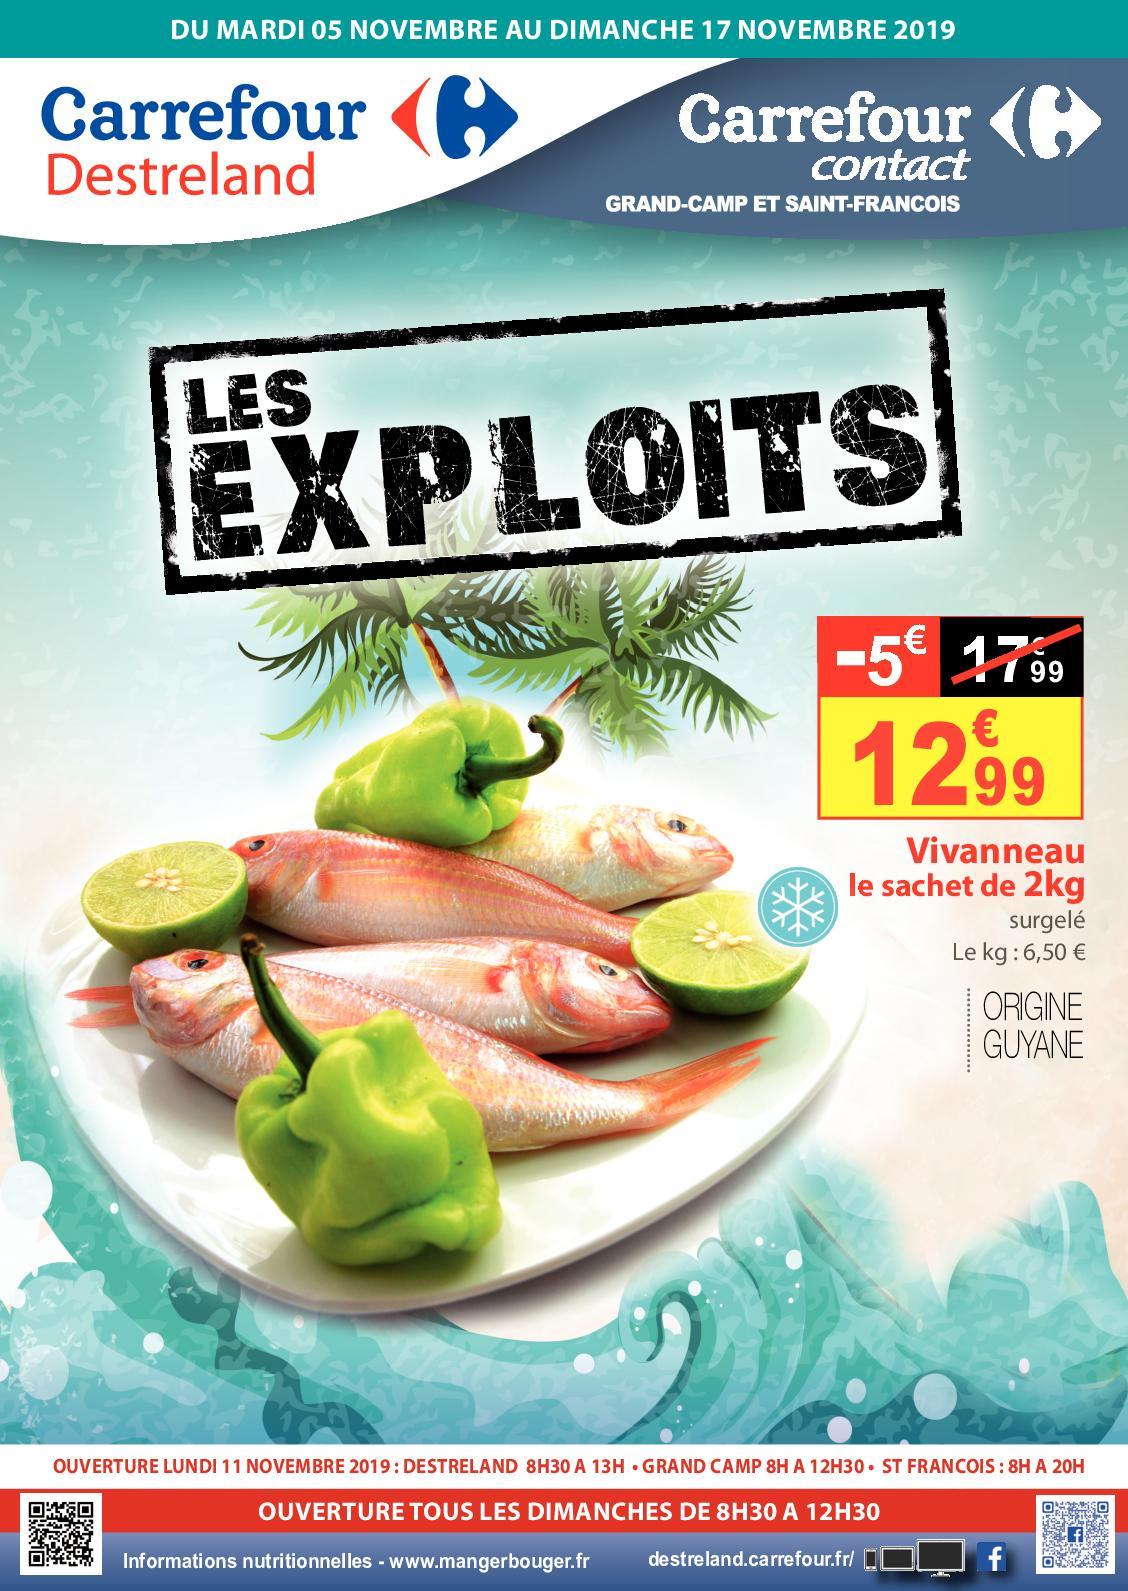 Calaméo - Catalogue Les Exploits - Novembre 2019 intérieur Salon Jardin Resine Carrefour